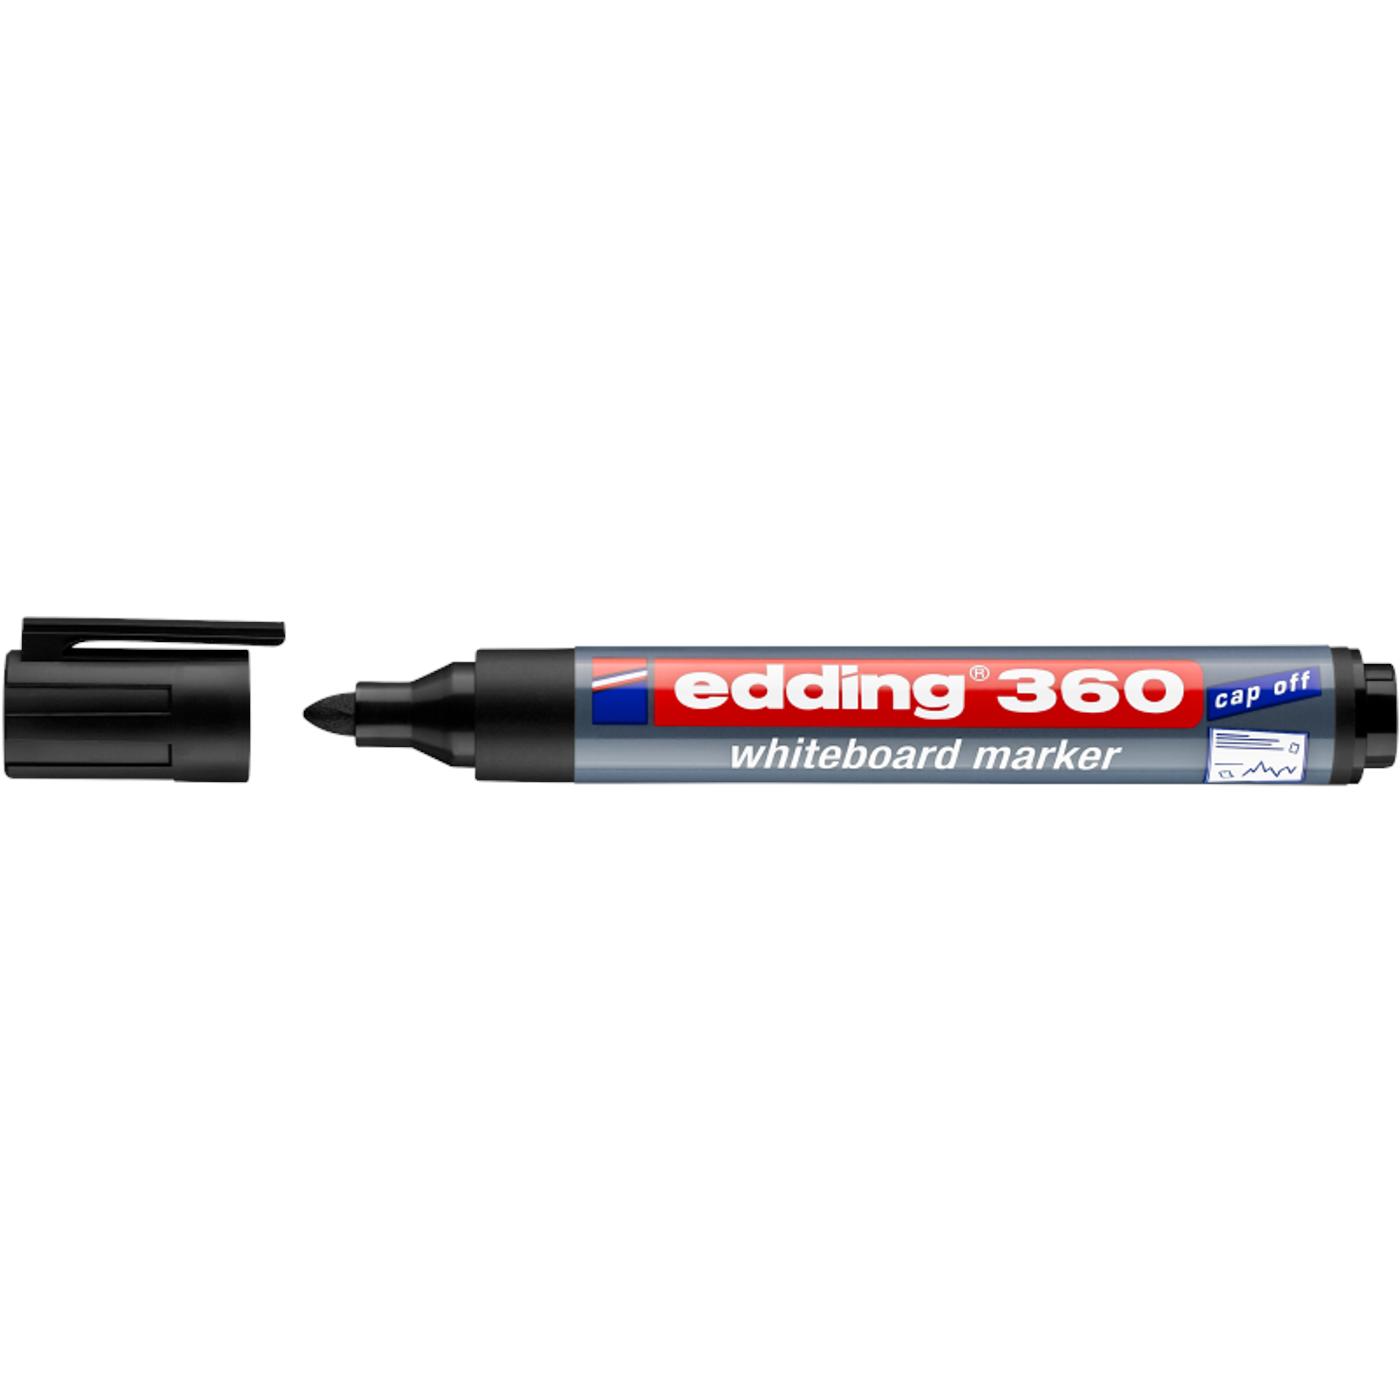 EDDING 360 WHITEBOARD MARKER (BLACK)